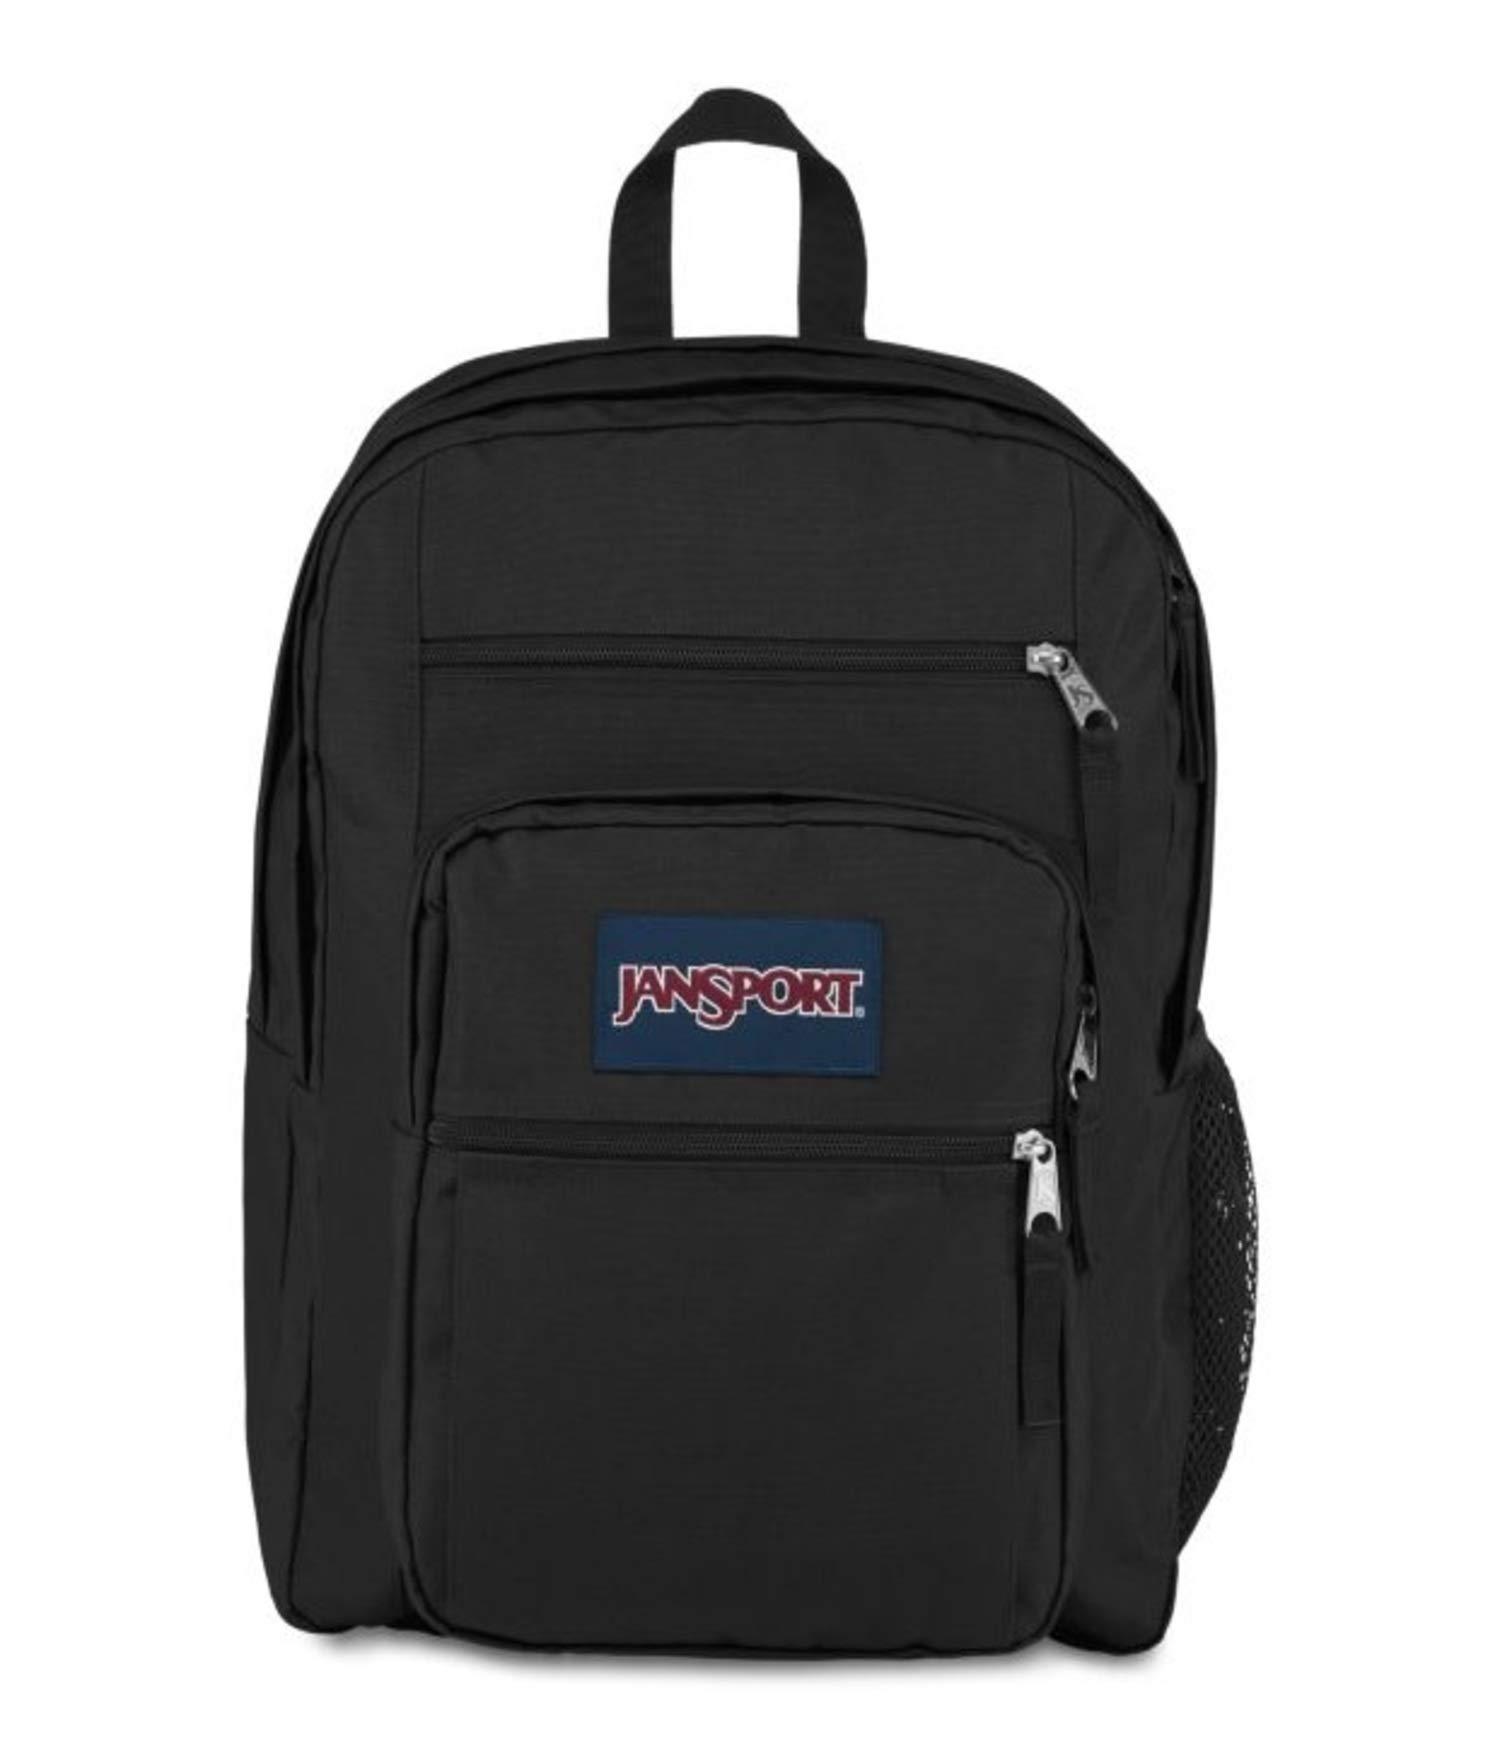 JanSport TDN7 Big Student Backpack, OS, A/Black (Noir)